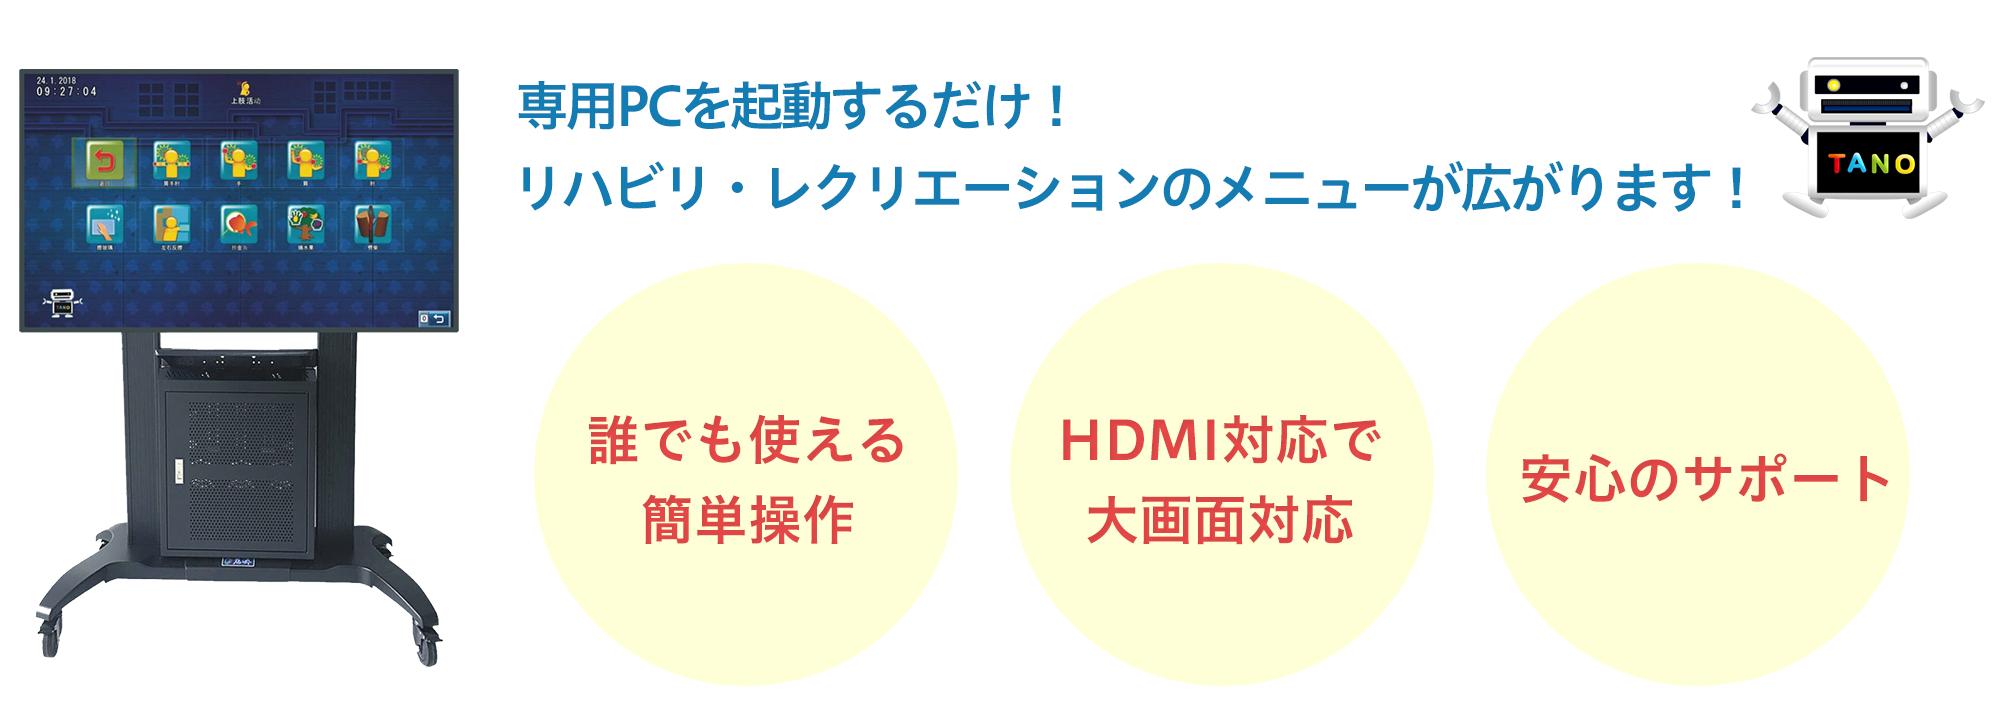 専用PCを起動するだけ!リハビリ・レクリエーションのメニューが広がります! 誰でも使える簡単操作 HDMI対応で大画面対応 安心のサポート